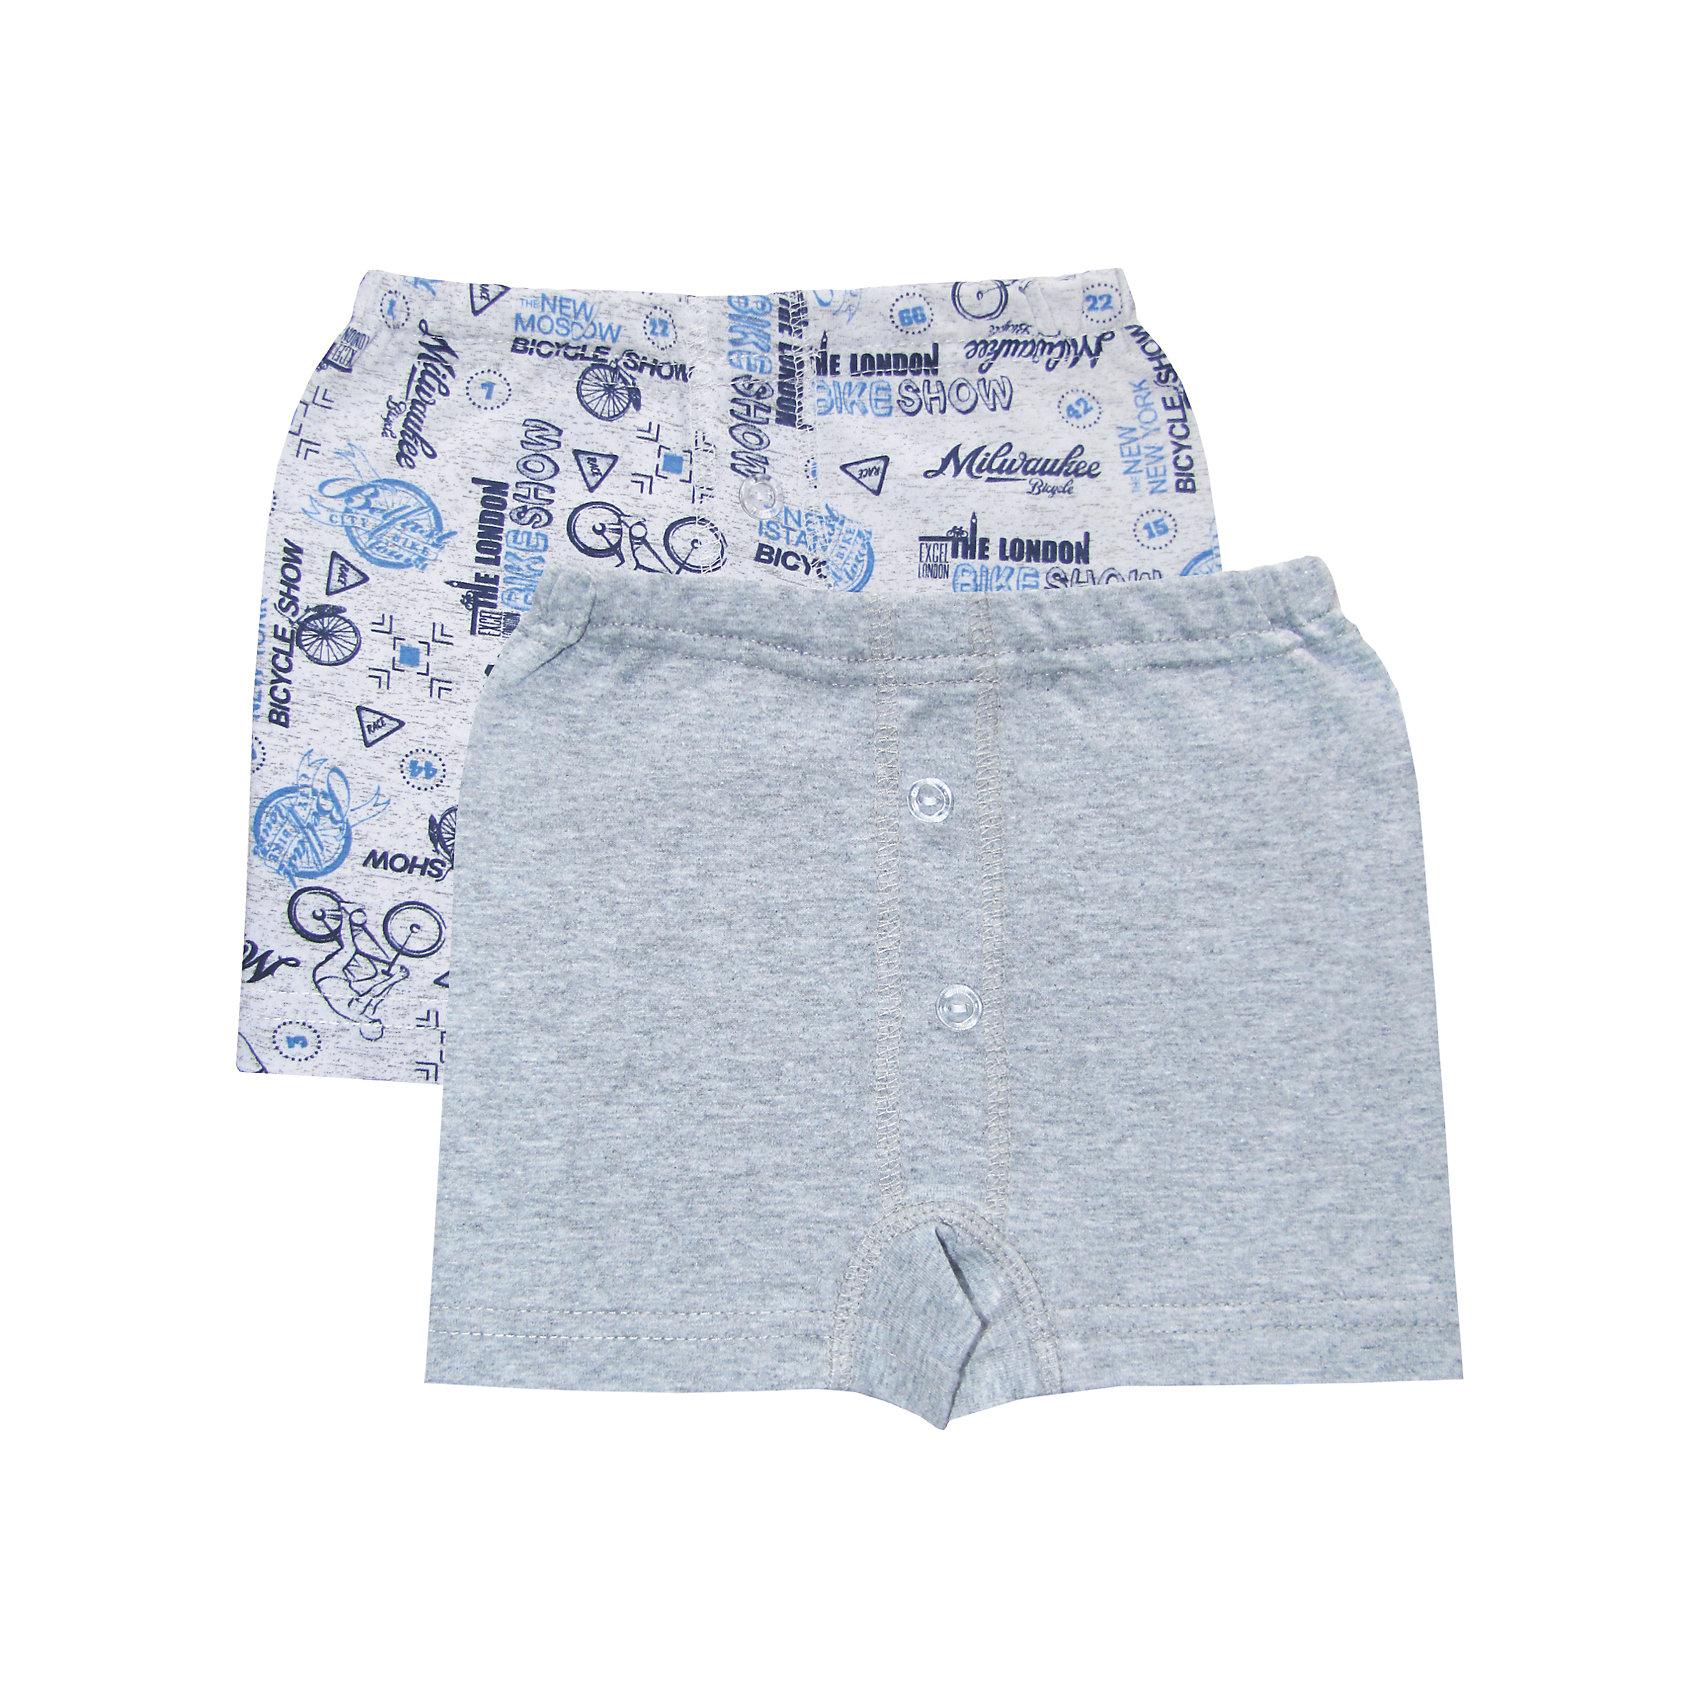 Веселый малыш Трусы-шорты для мальчика, 2 шт. Веселый малыш комплект трусов 3 шт infinity kids